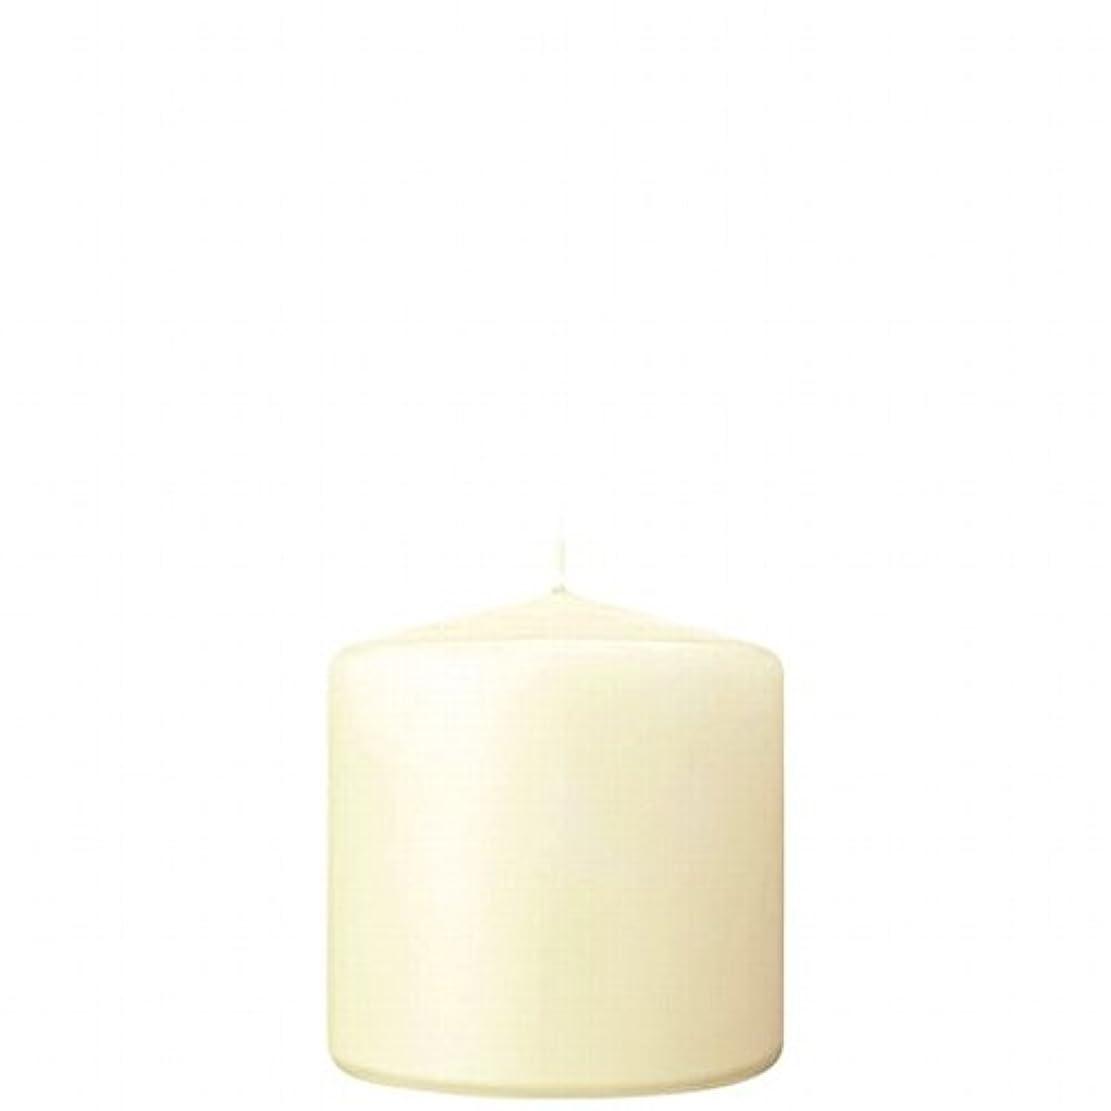 操縦する暴露する生物学カメヤマキャンドル( kameyama candle ) 3×3ベルトップピラーキャンドル 「 アイボリー 」